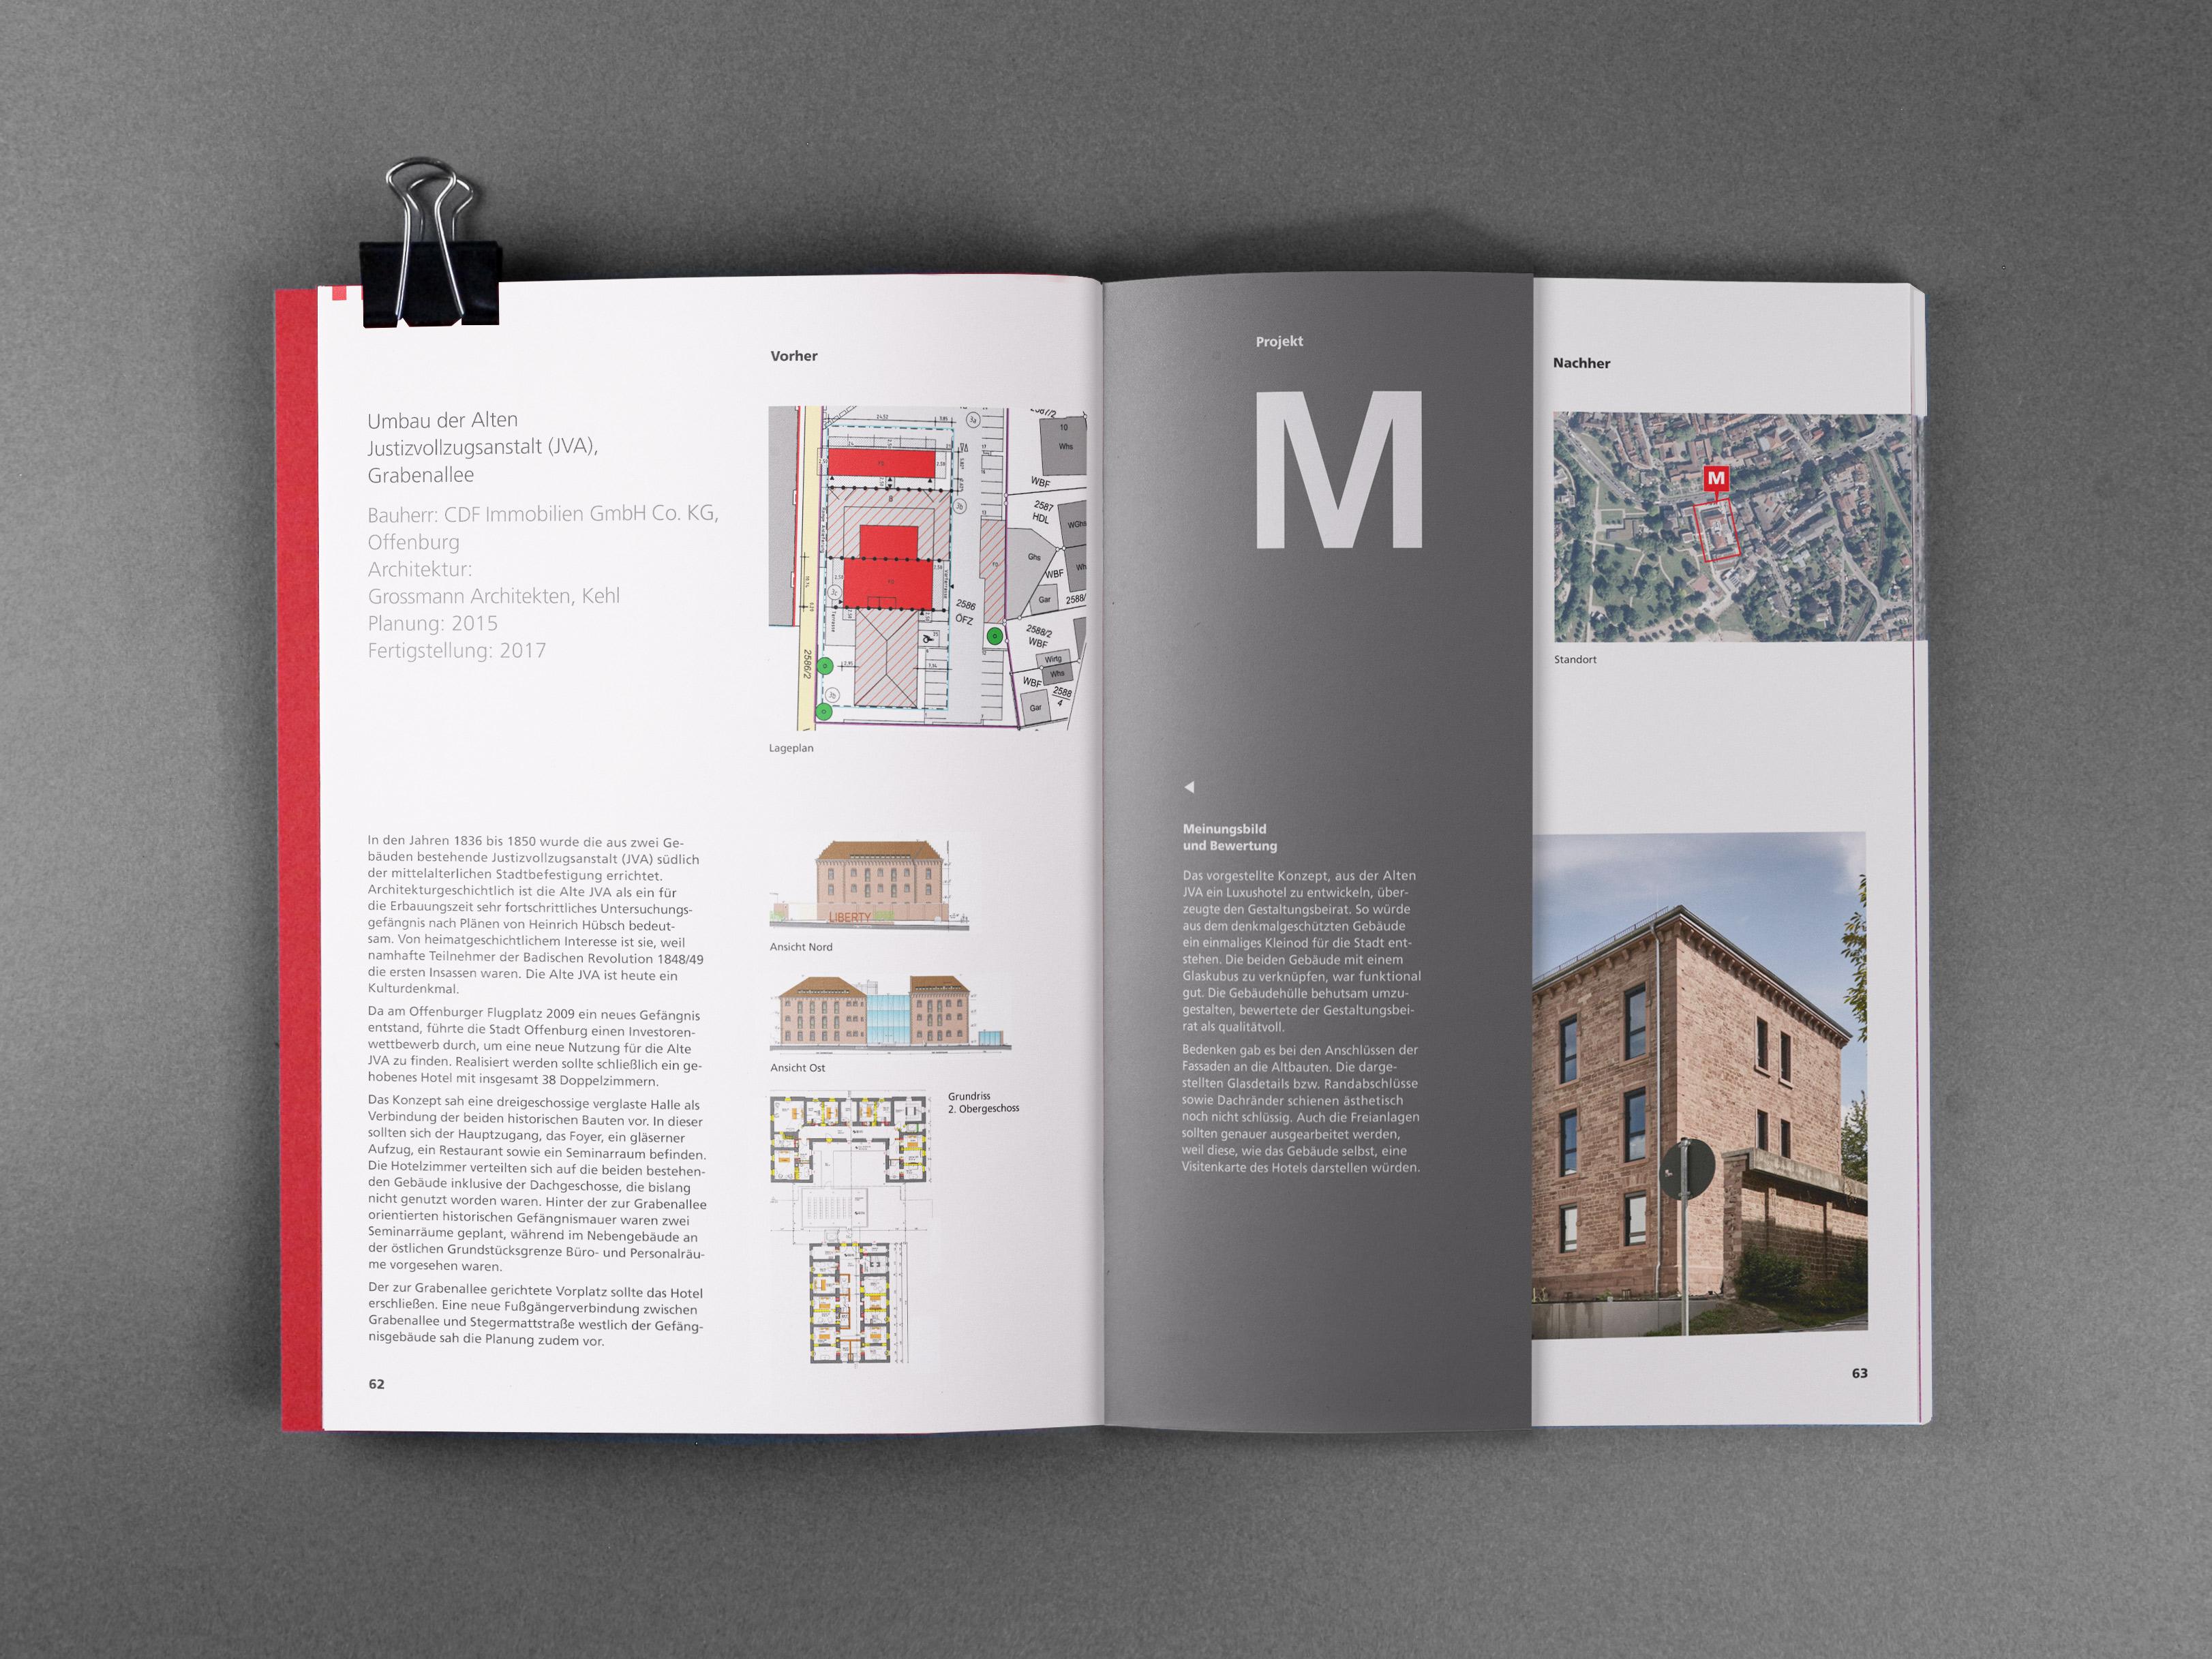 9DMBO-Studio-für-Gestaltung-Gestaltungsbeirat-offenburg-germany-design